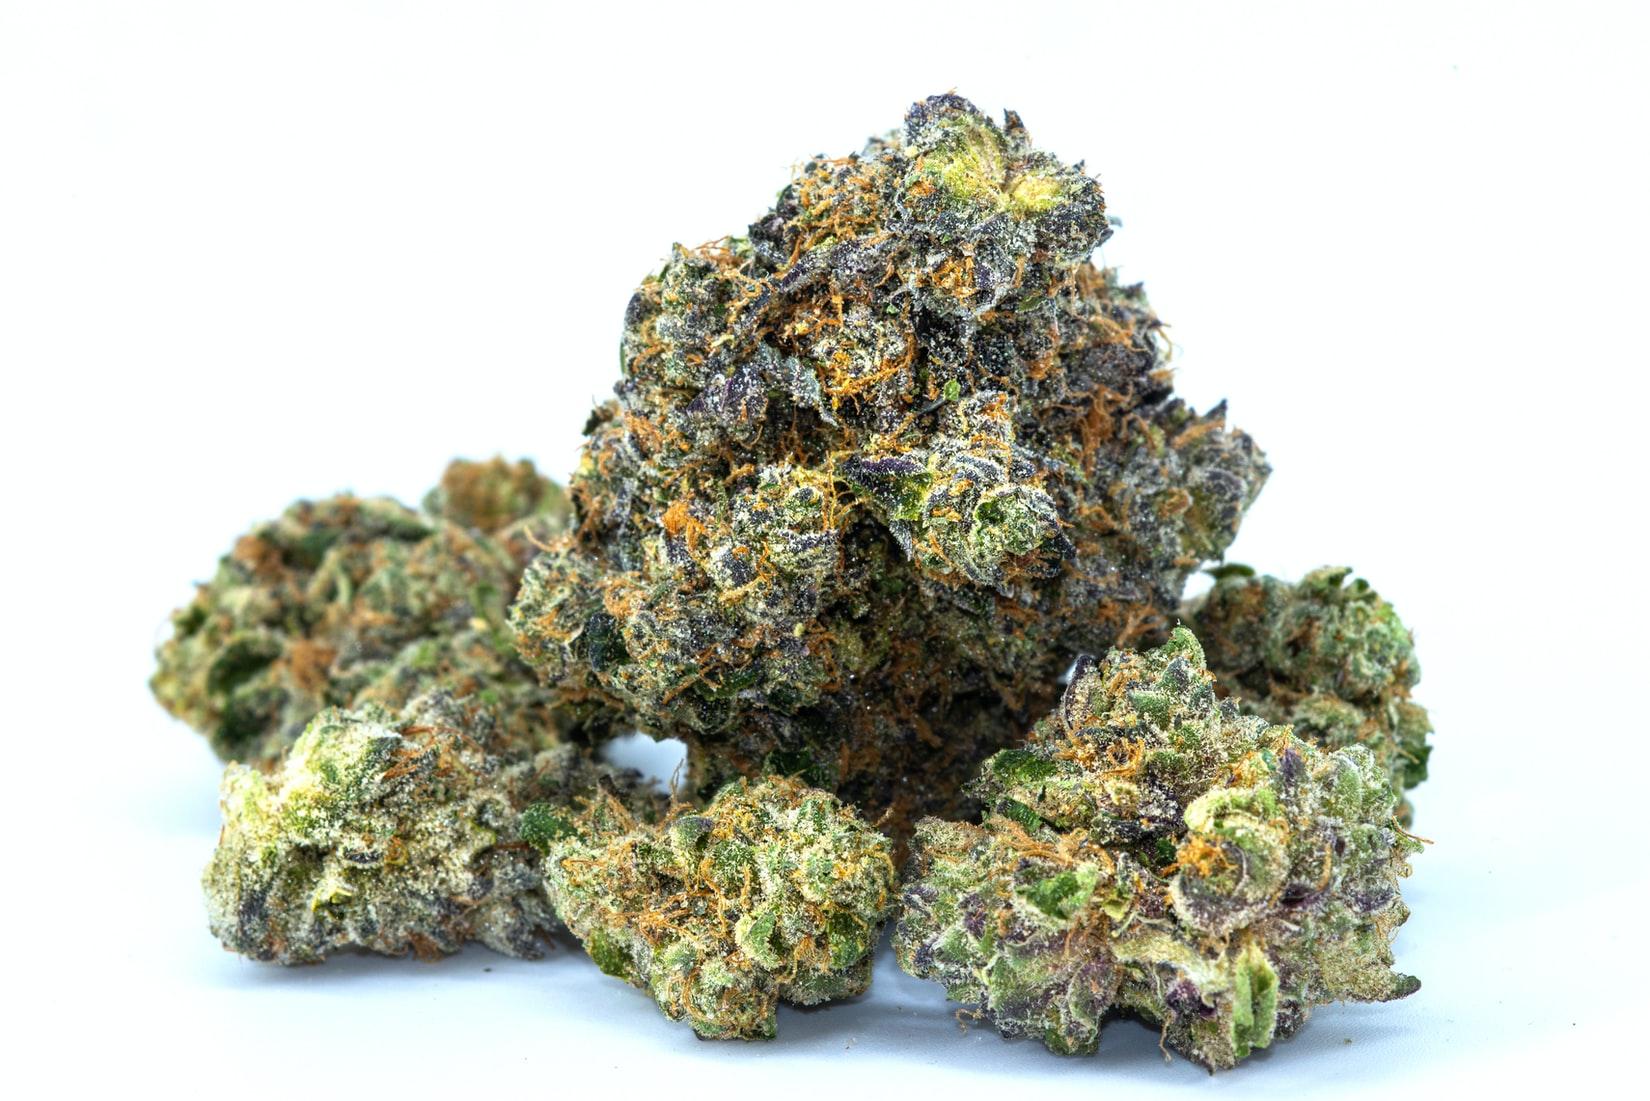 Green and orange marijuana buds